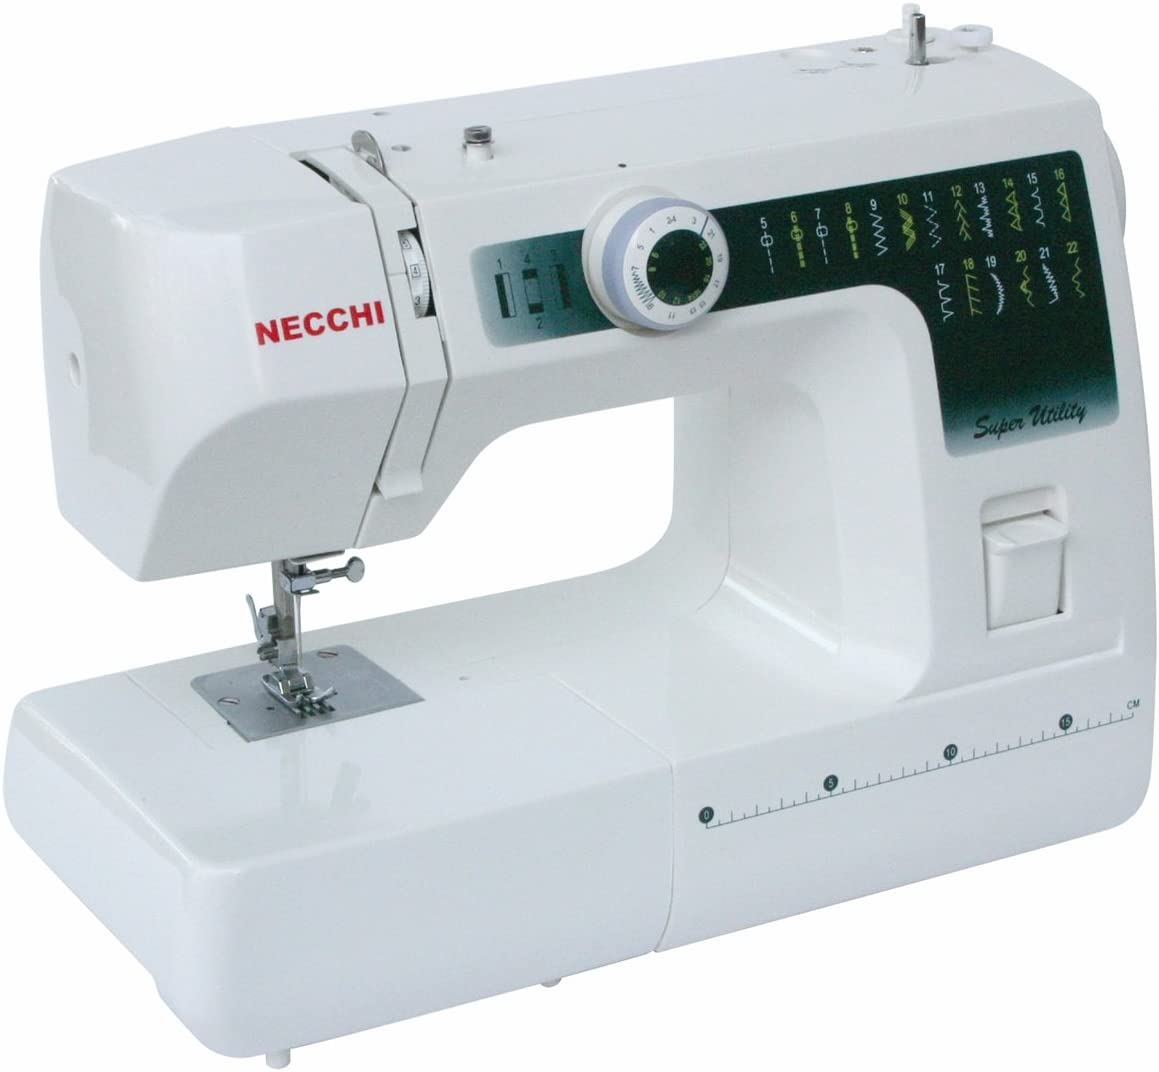 Necchi Máquina de Coser Metal Blanco SUB22: Amazon.es: Hogar